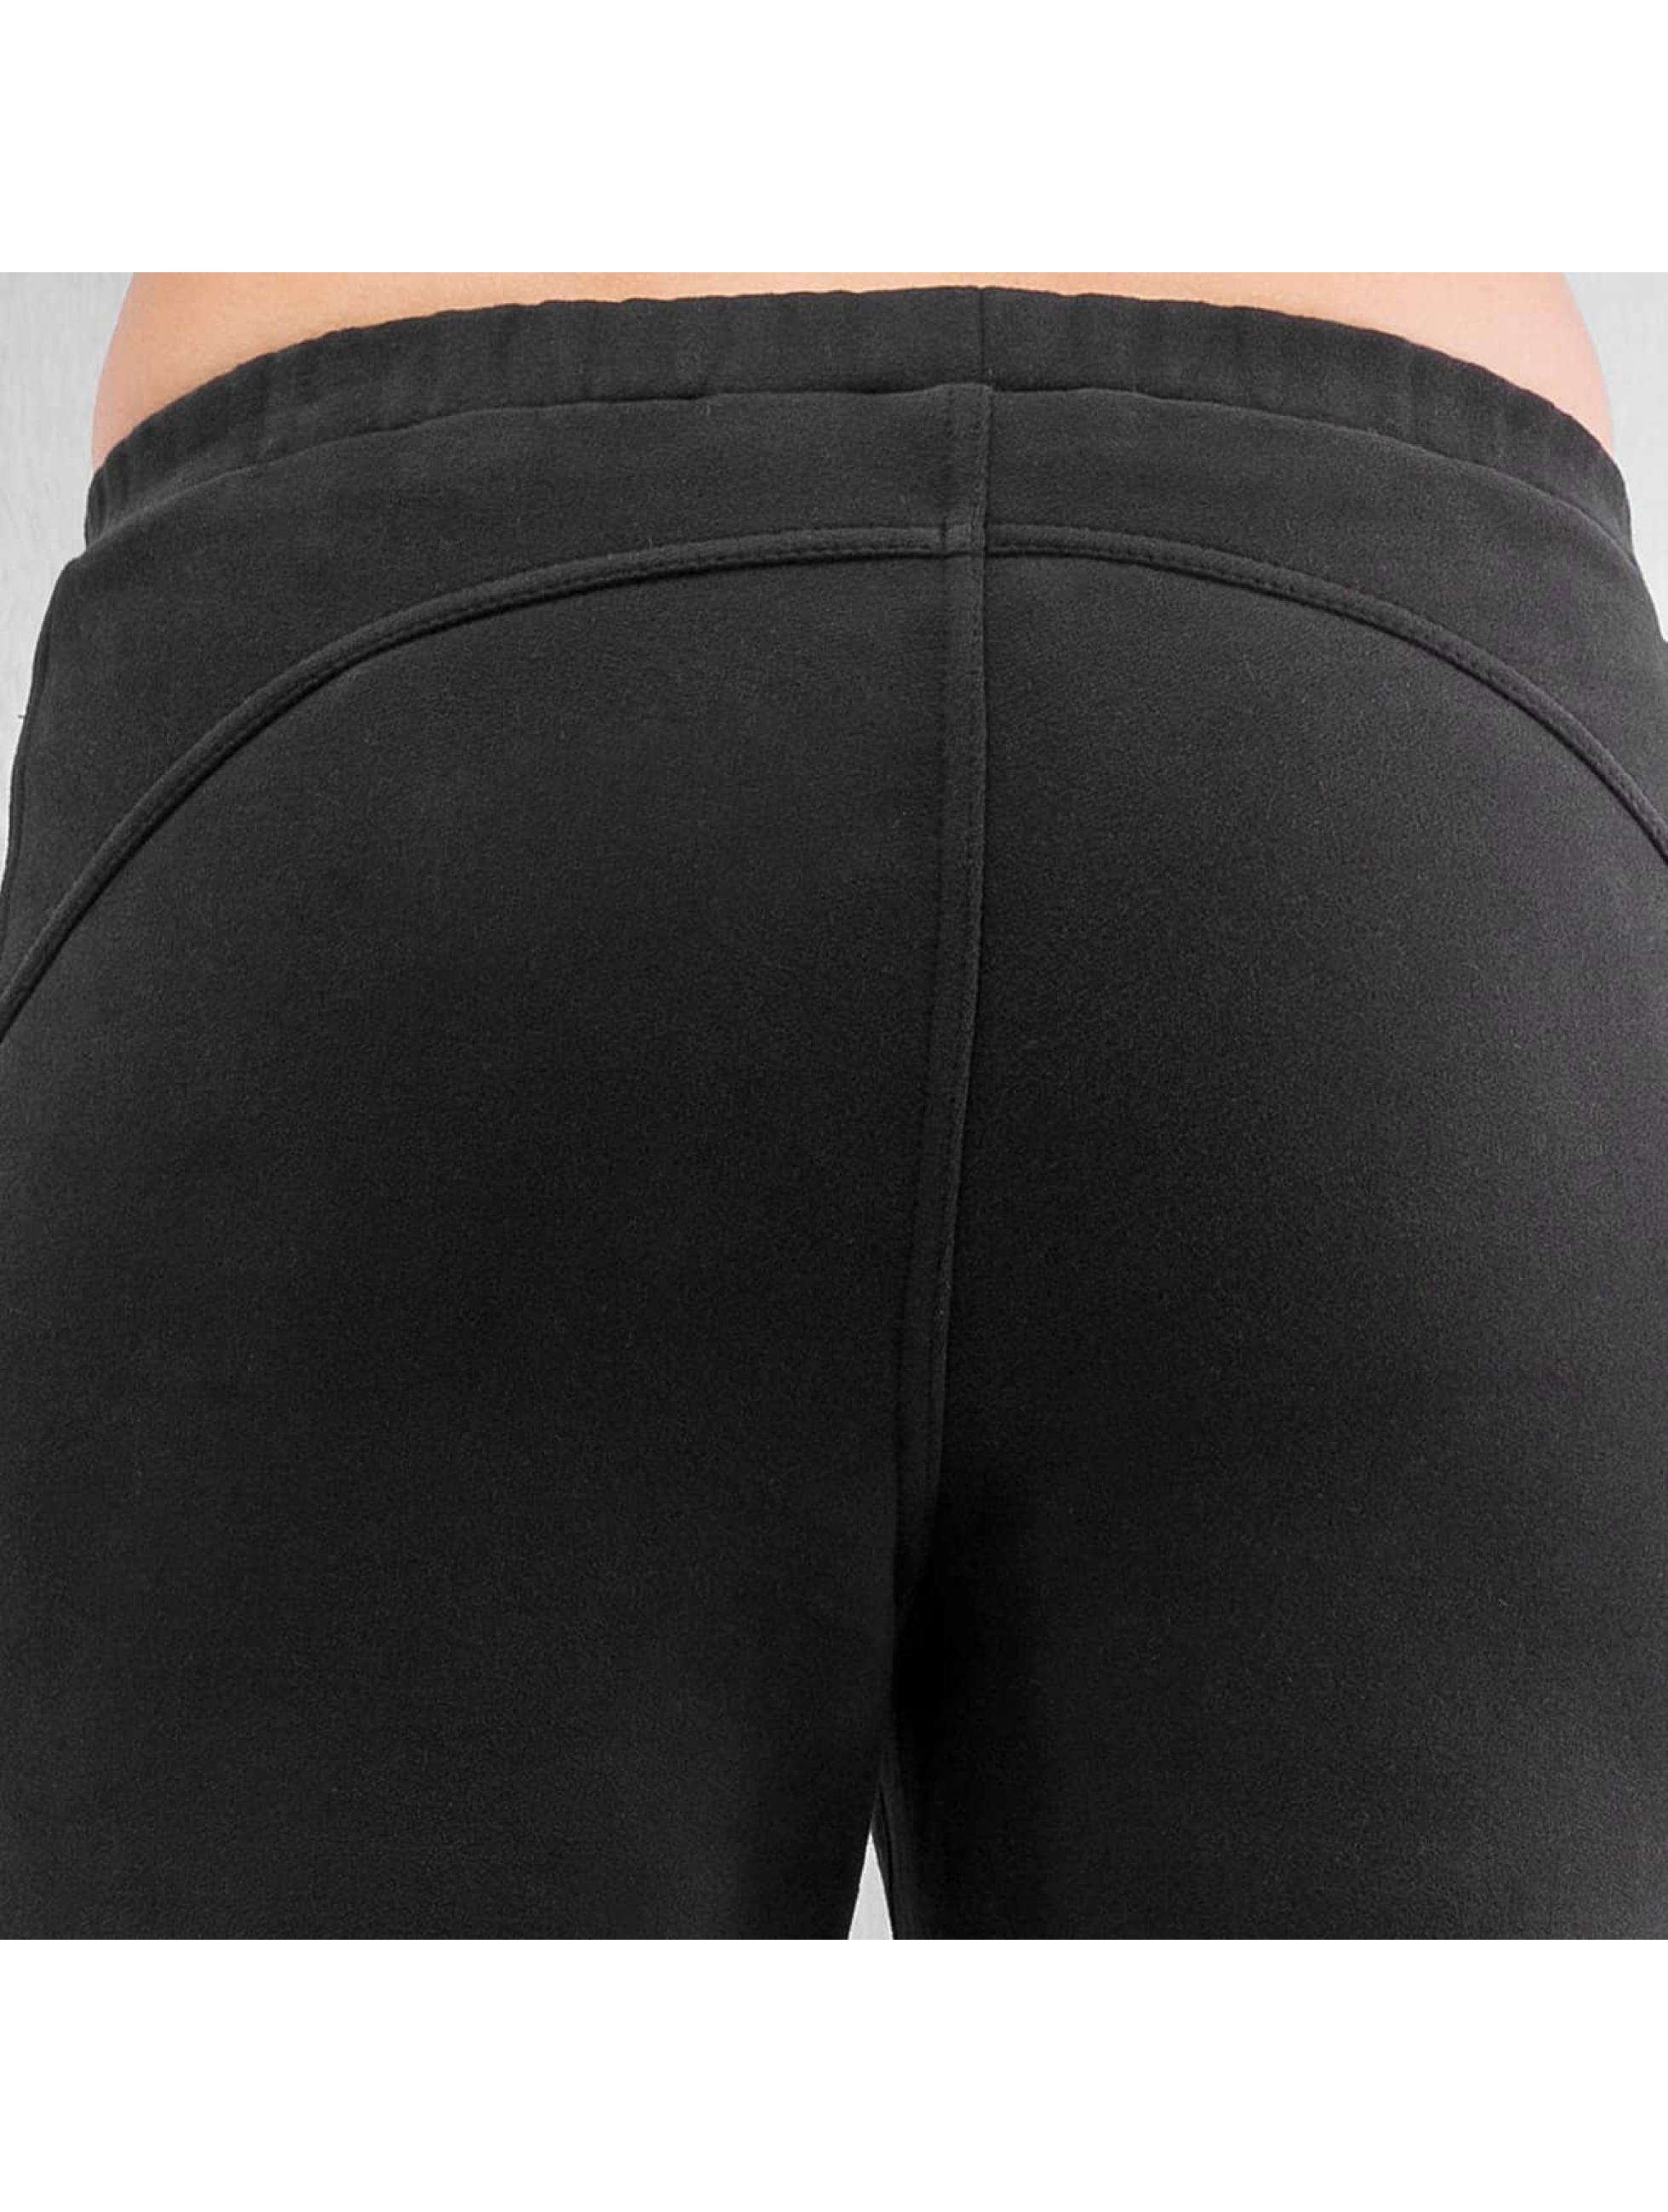 Bench Sweat Pant Pedagogic black